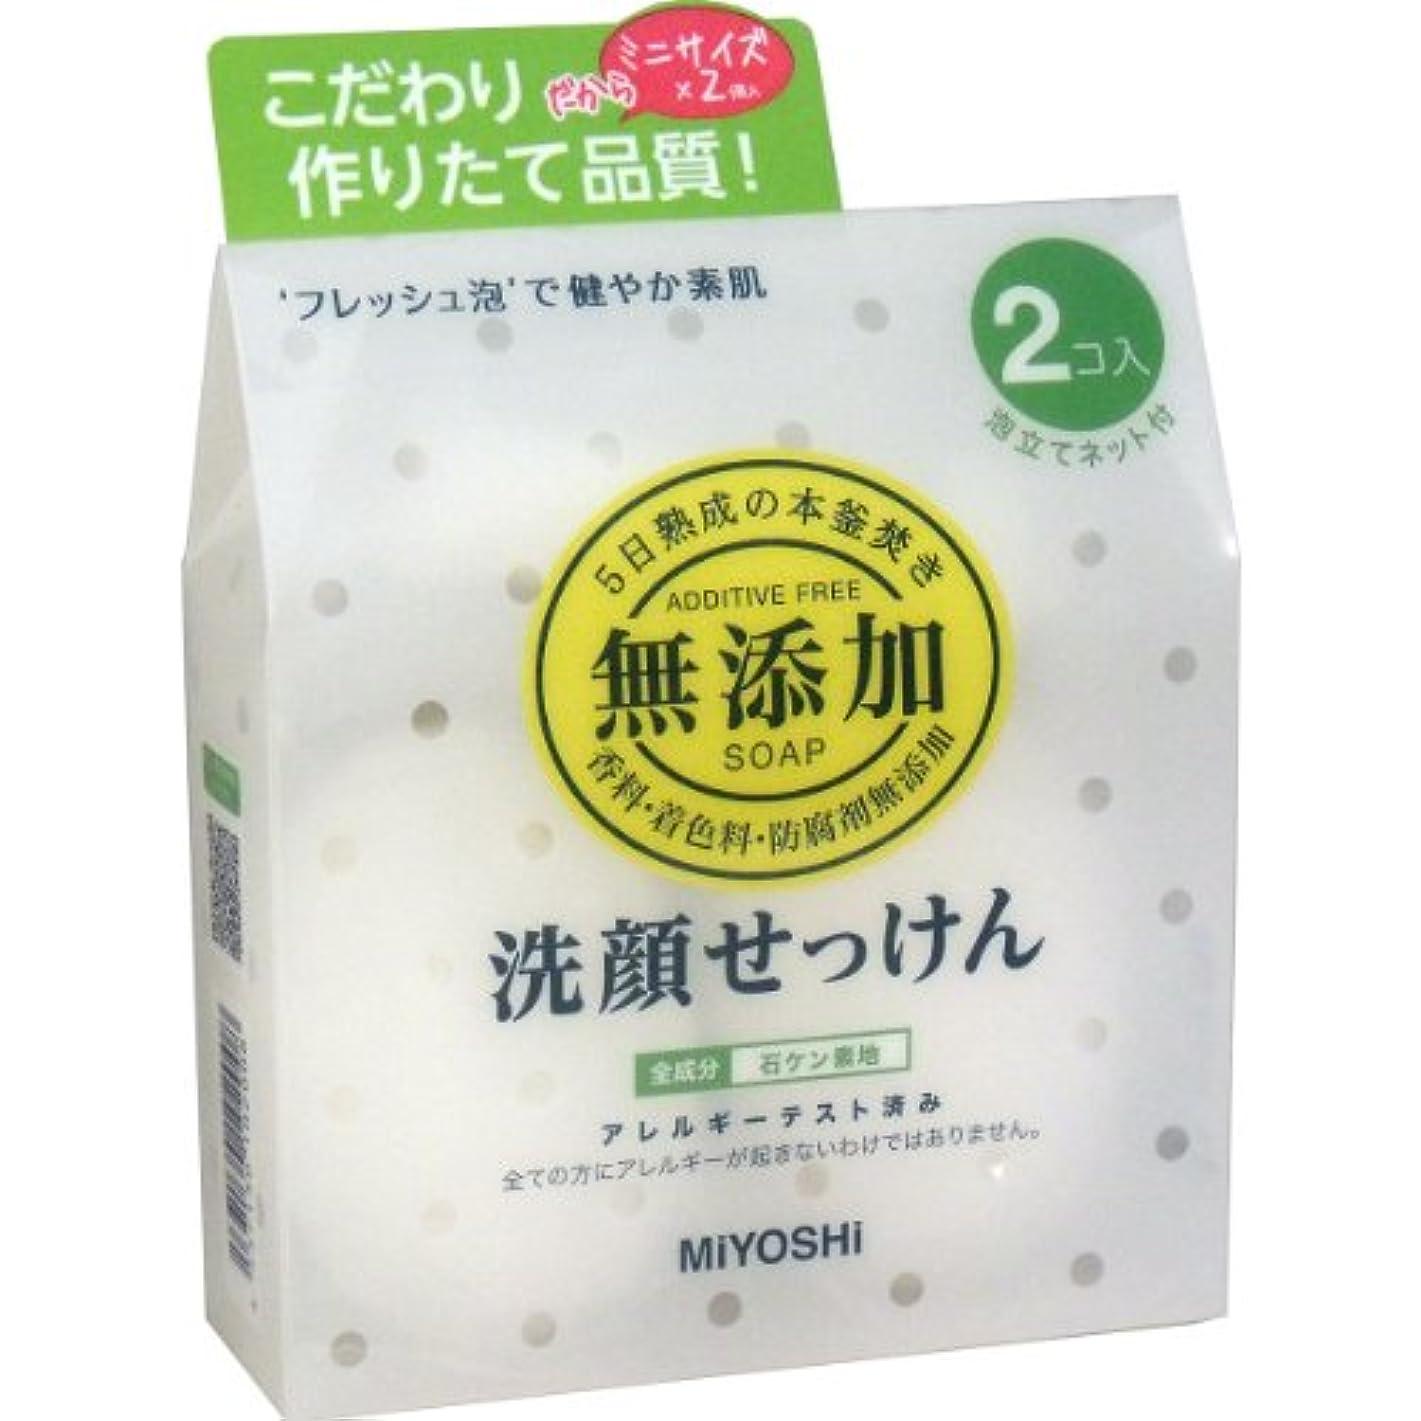 予想する課税石鹸無添加洗顔せっけん2P × 6個セット